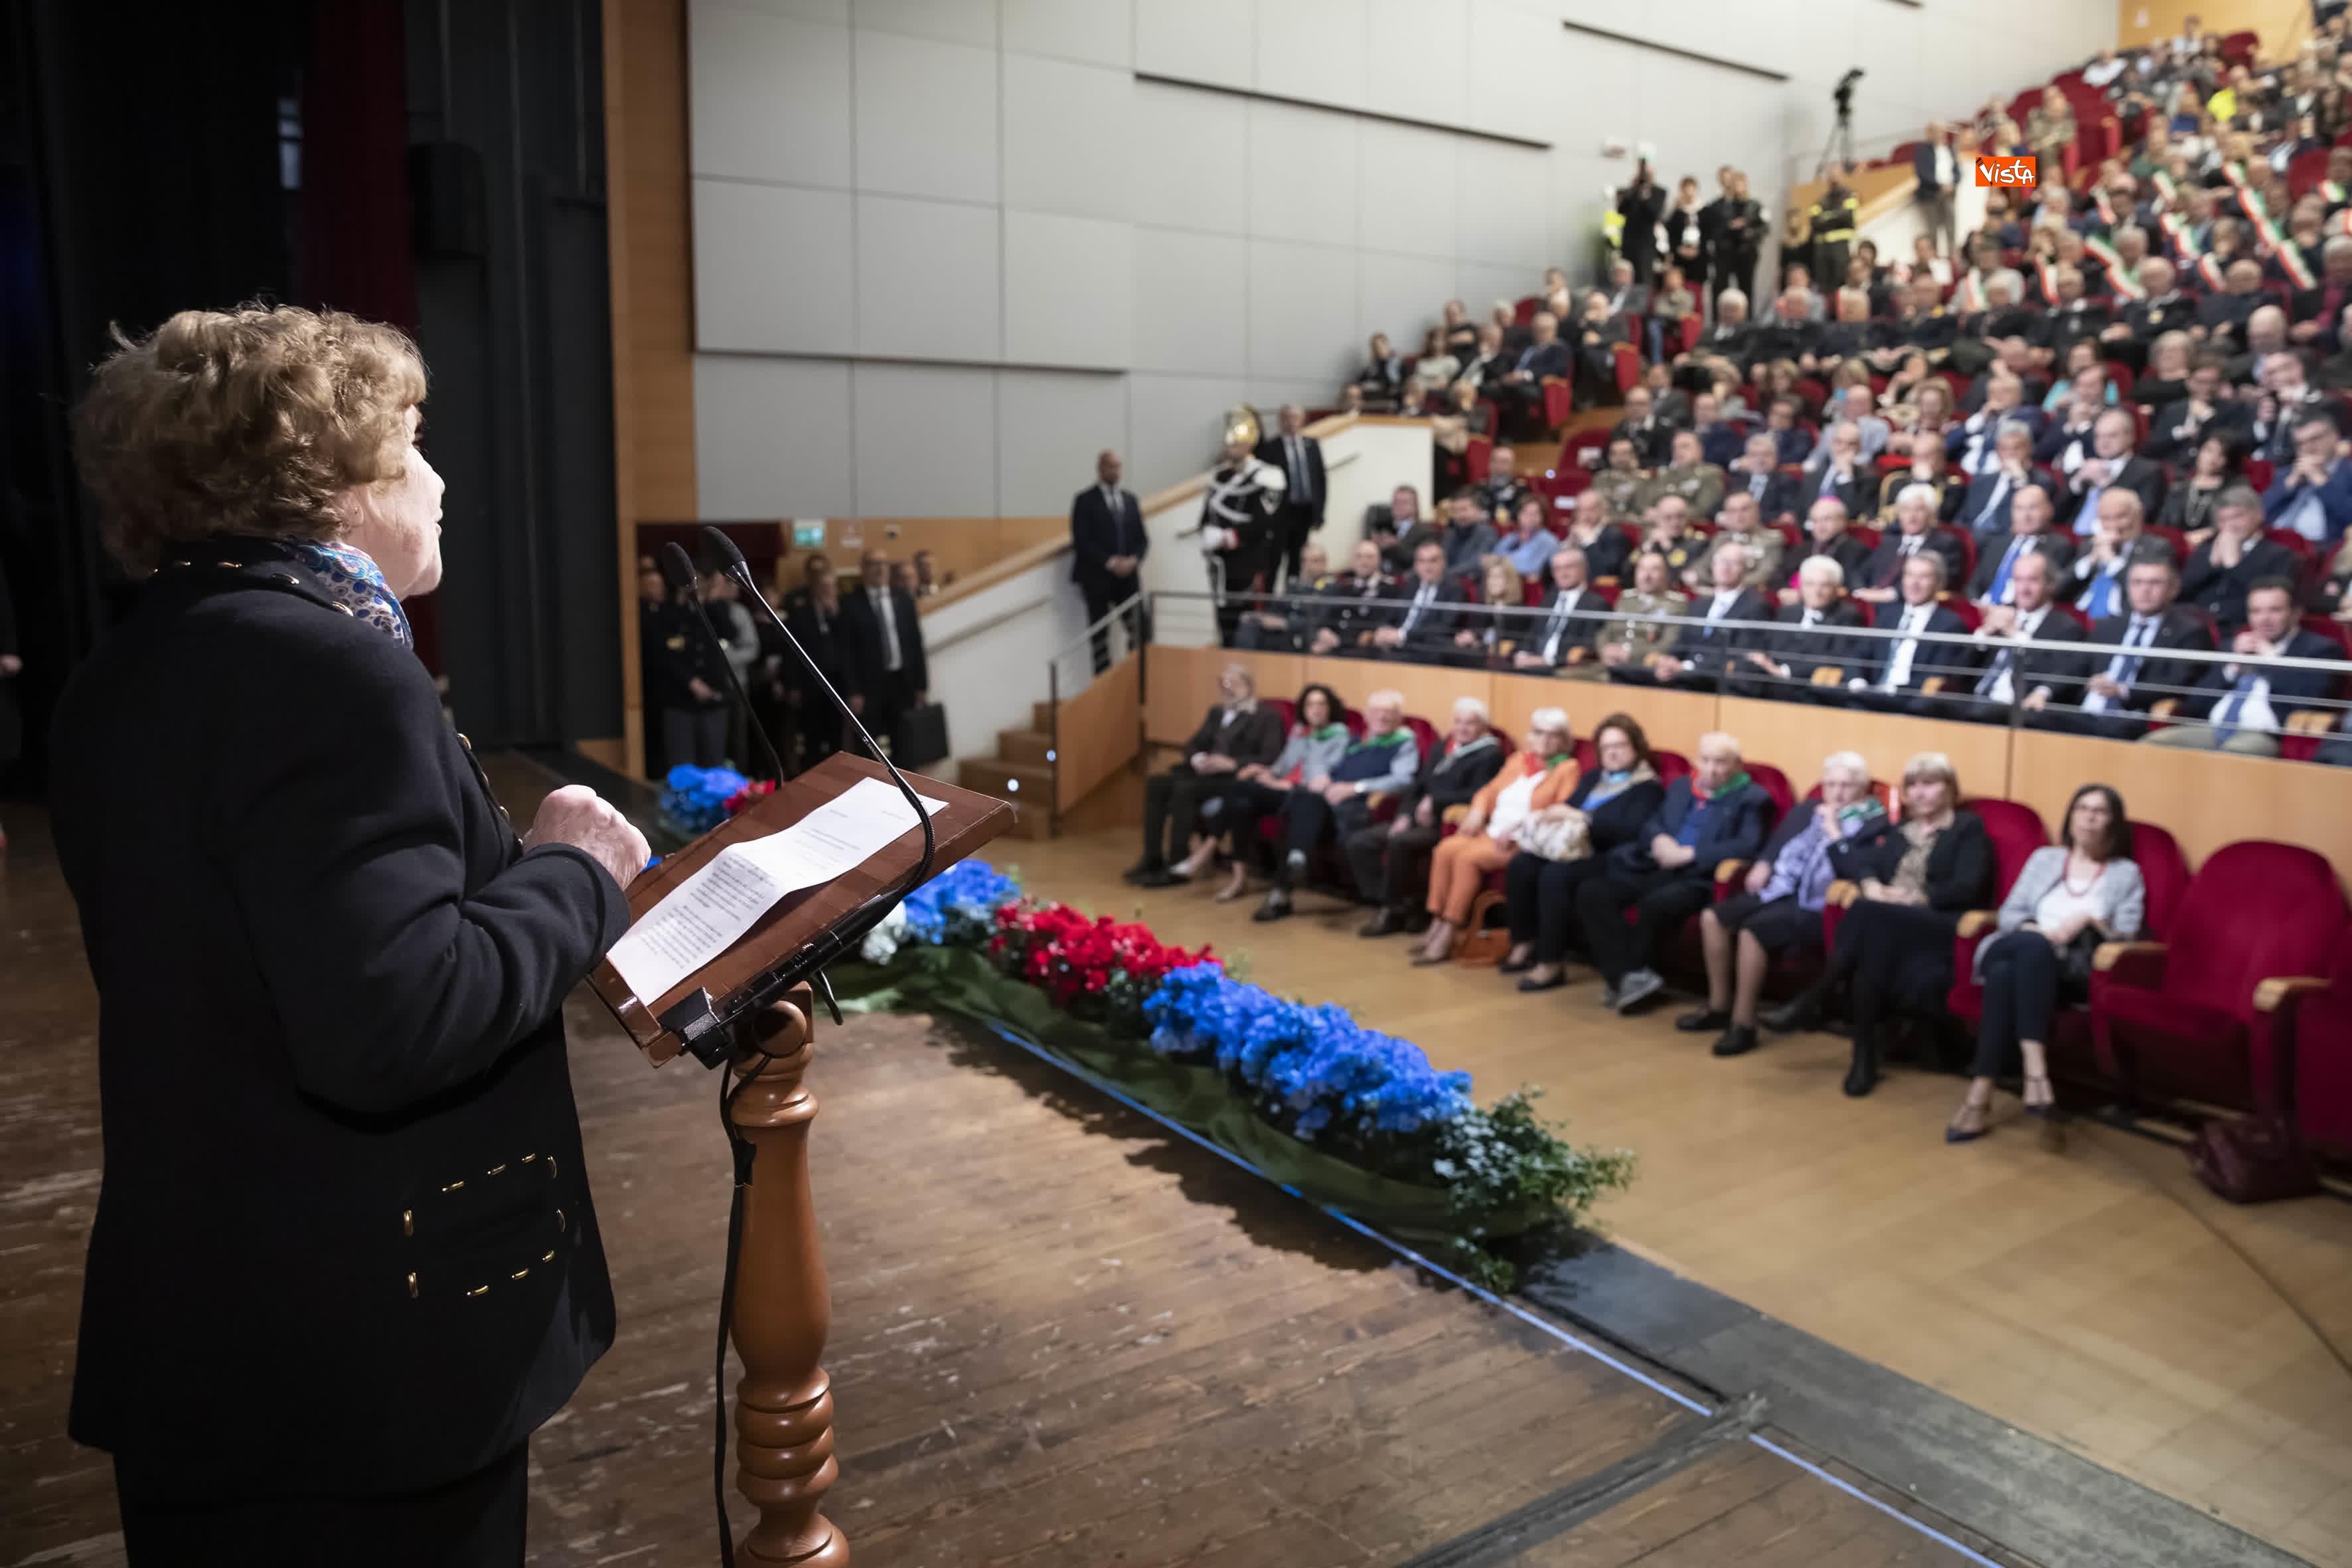 25-04-19 25 Aprile, Mattarella alla Cerimonia in occasione del 74 Anniversario della Liberazione a Vittorio Veneto_08